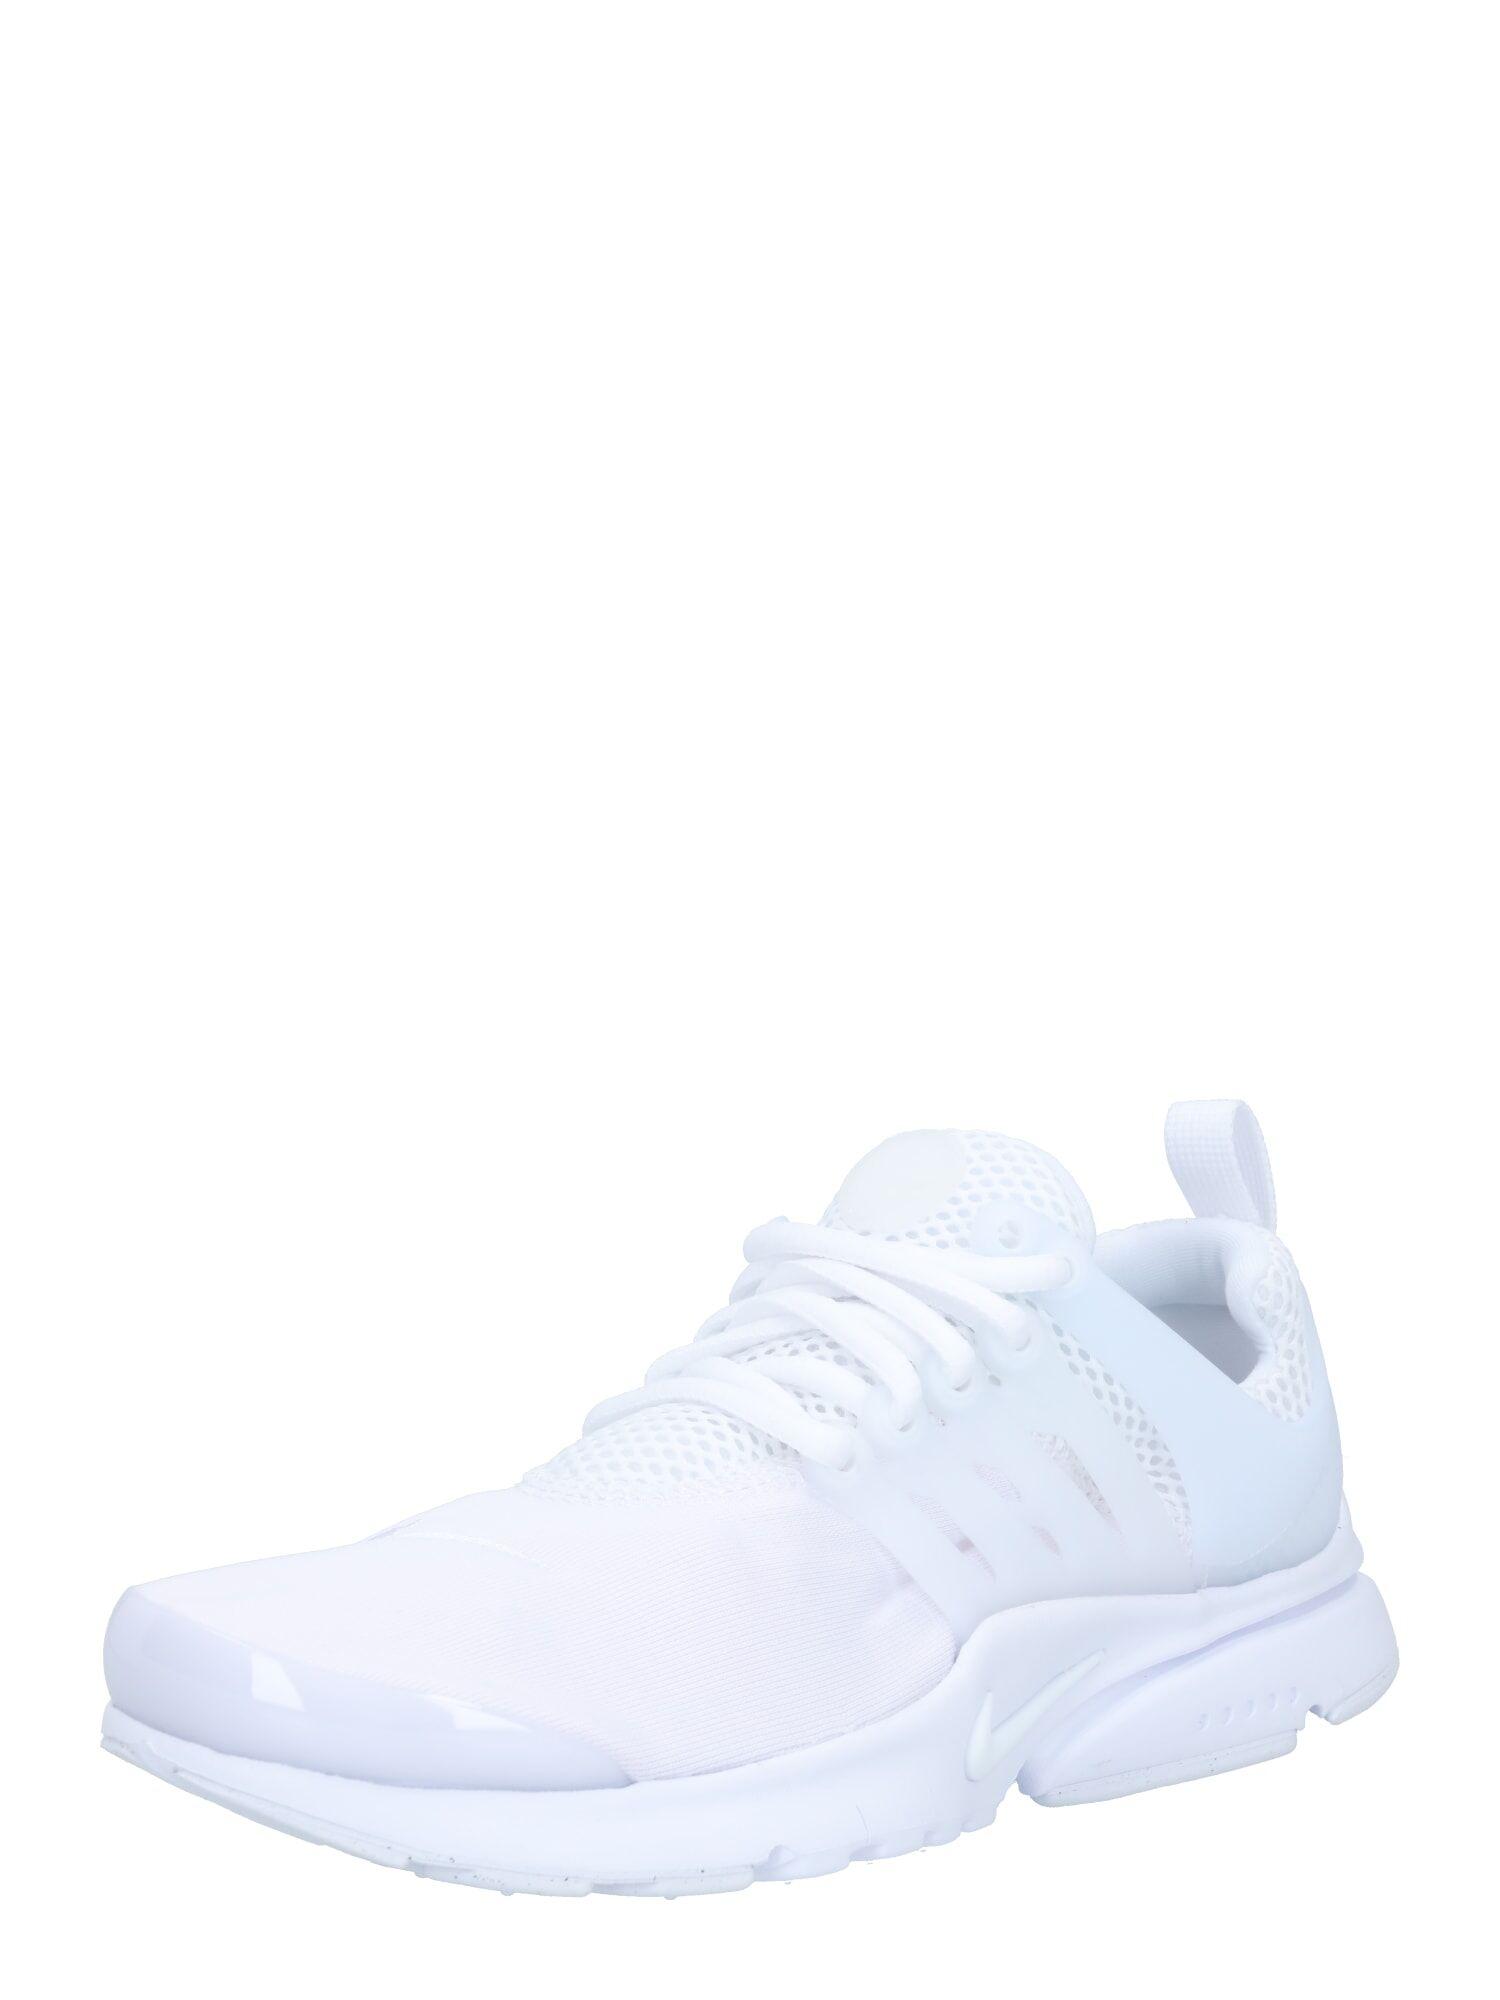 Nike Sportswear Sneaker 'Presto' Bianco